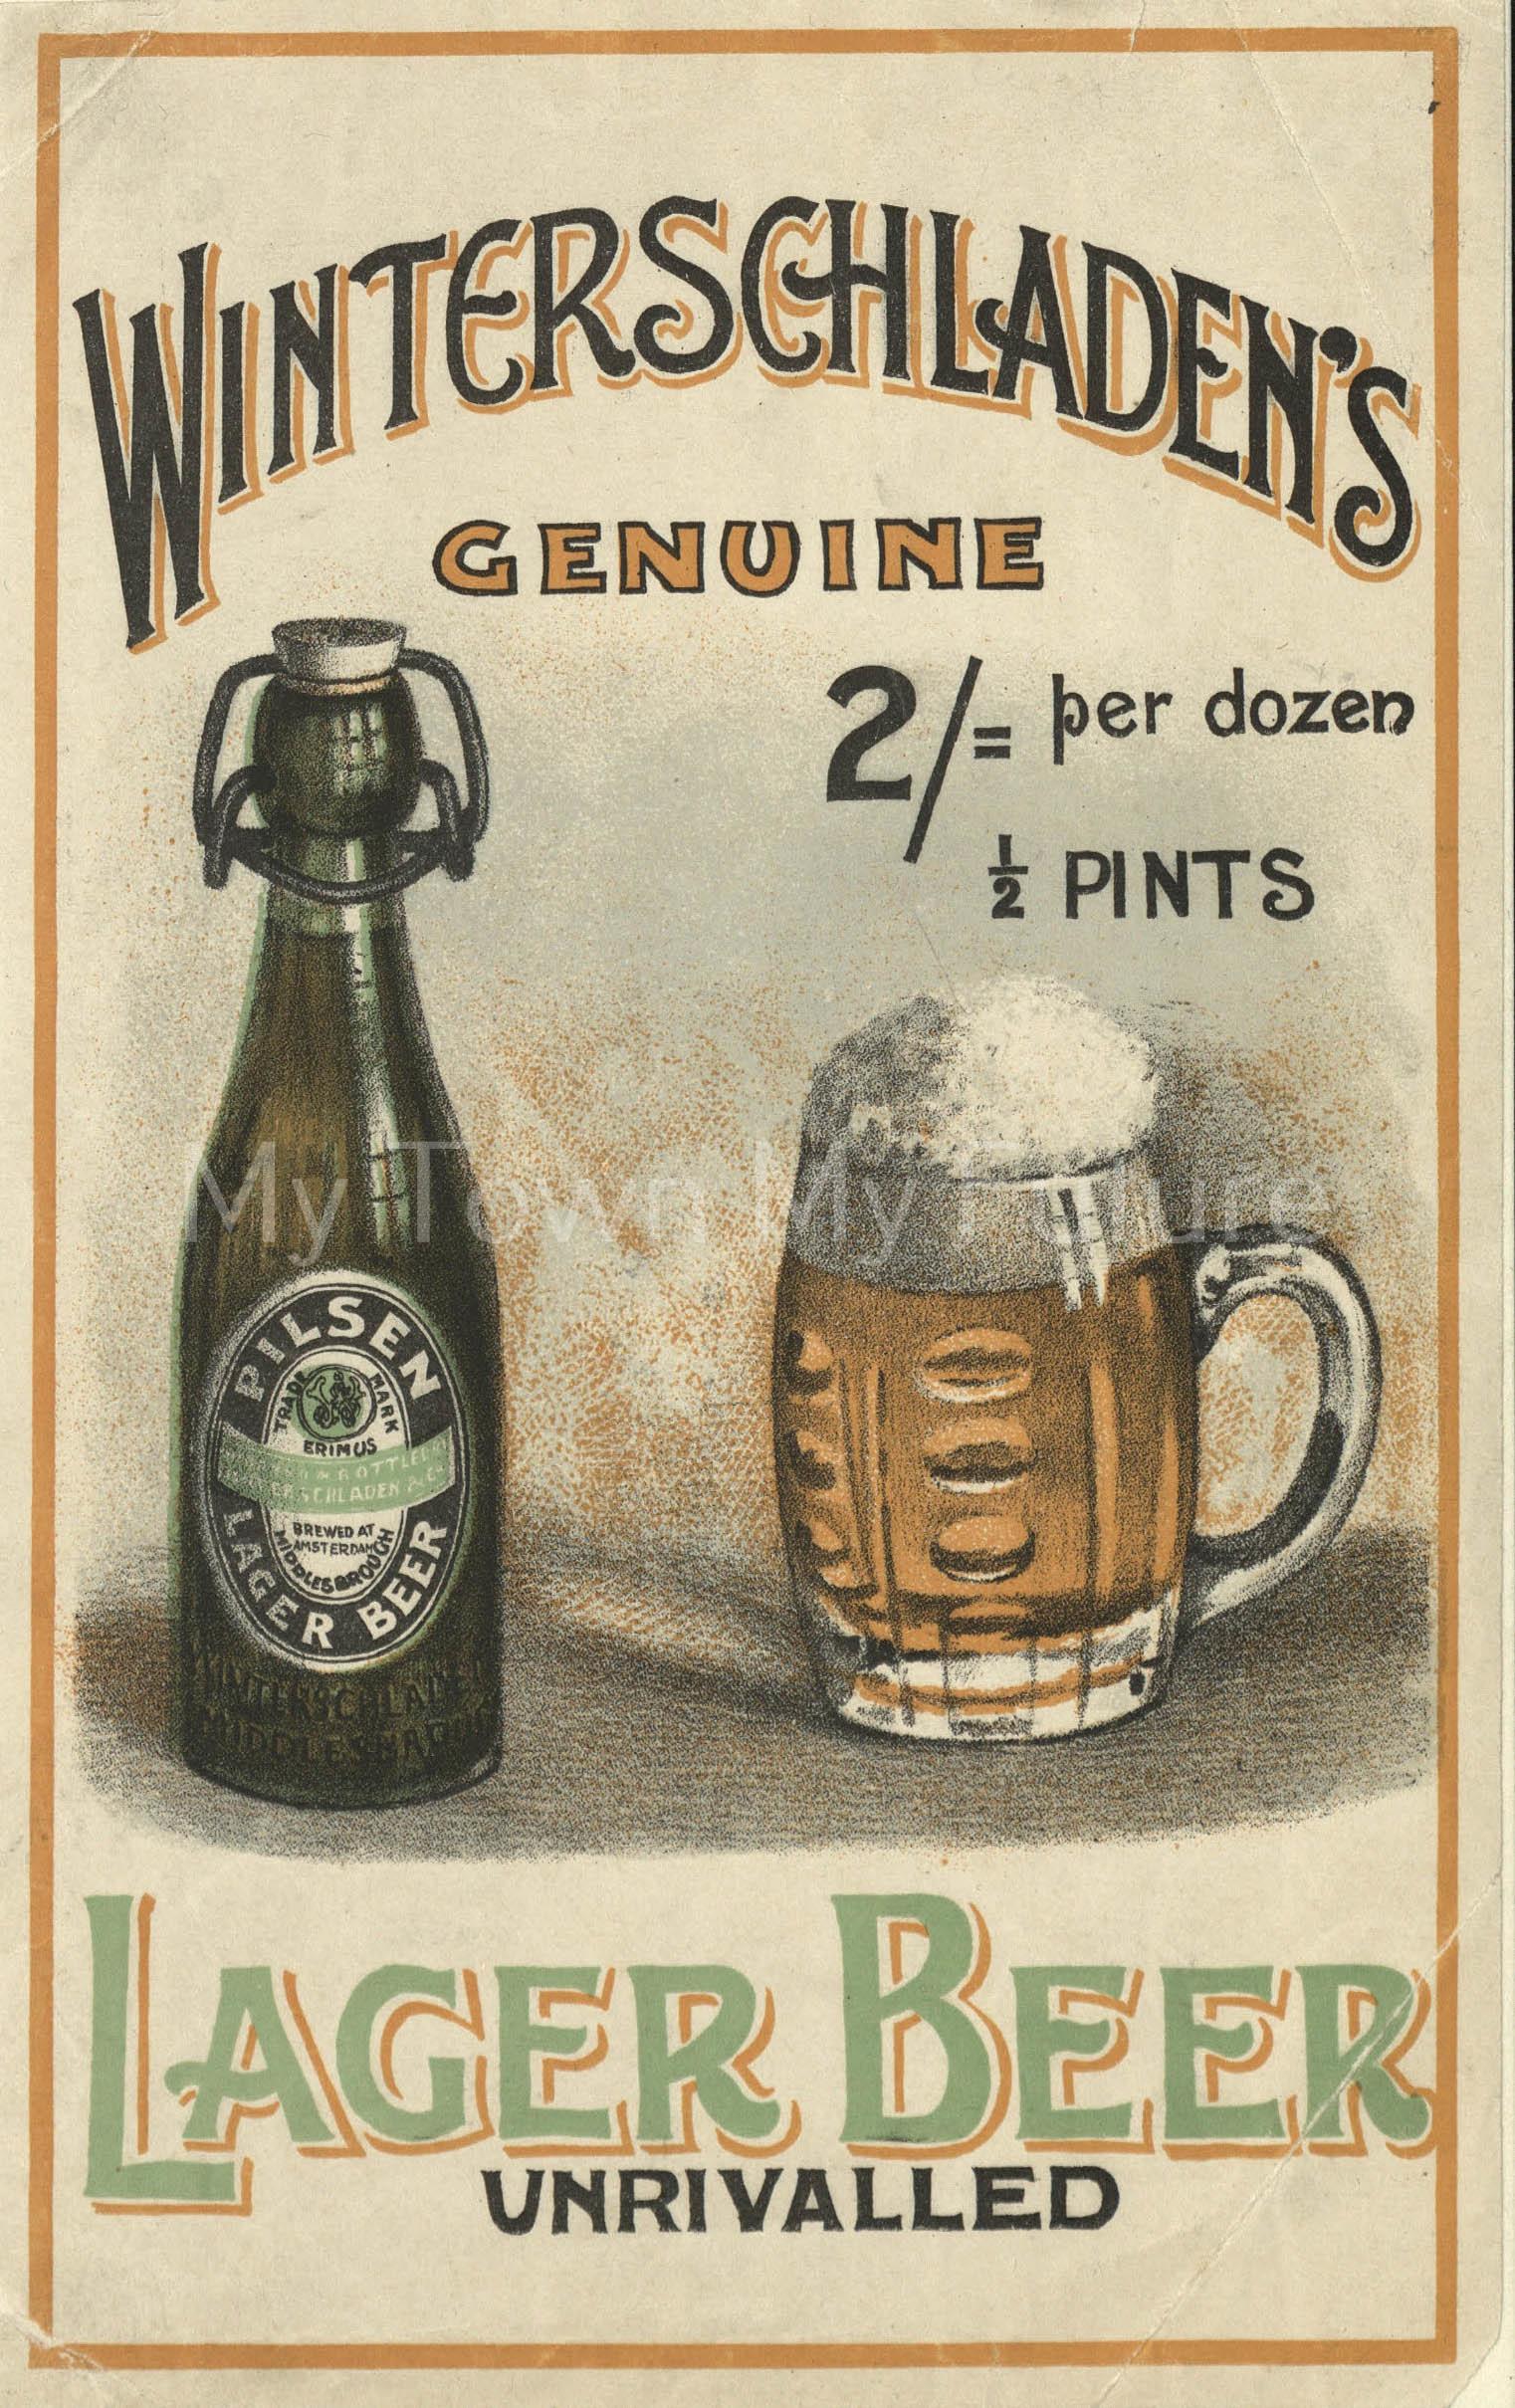 Winterschaden's Genuine Lager Beer, 1950